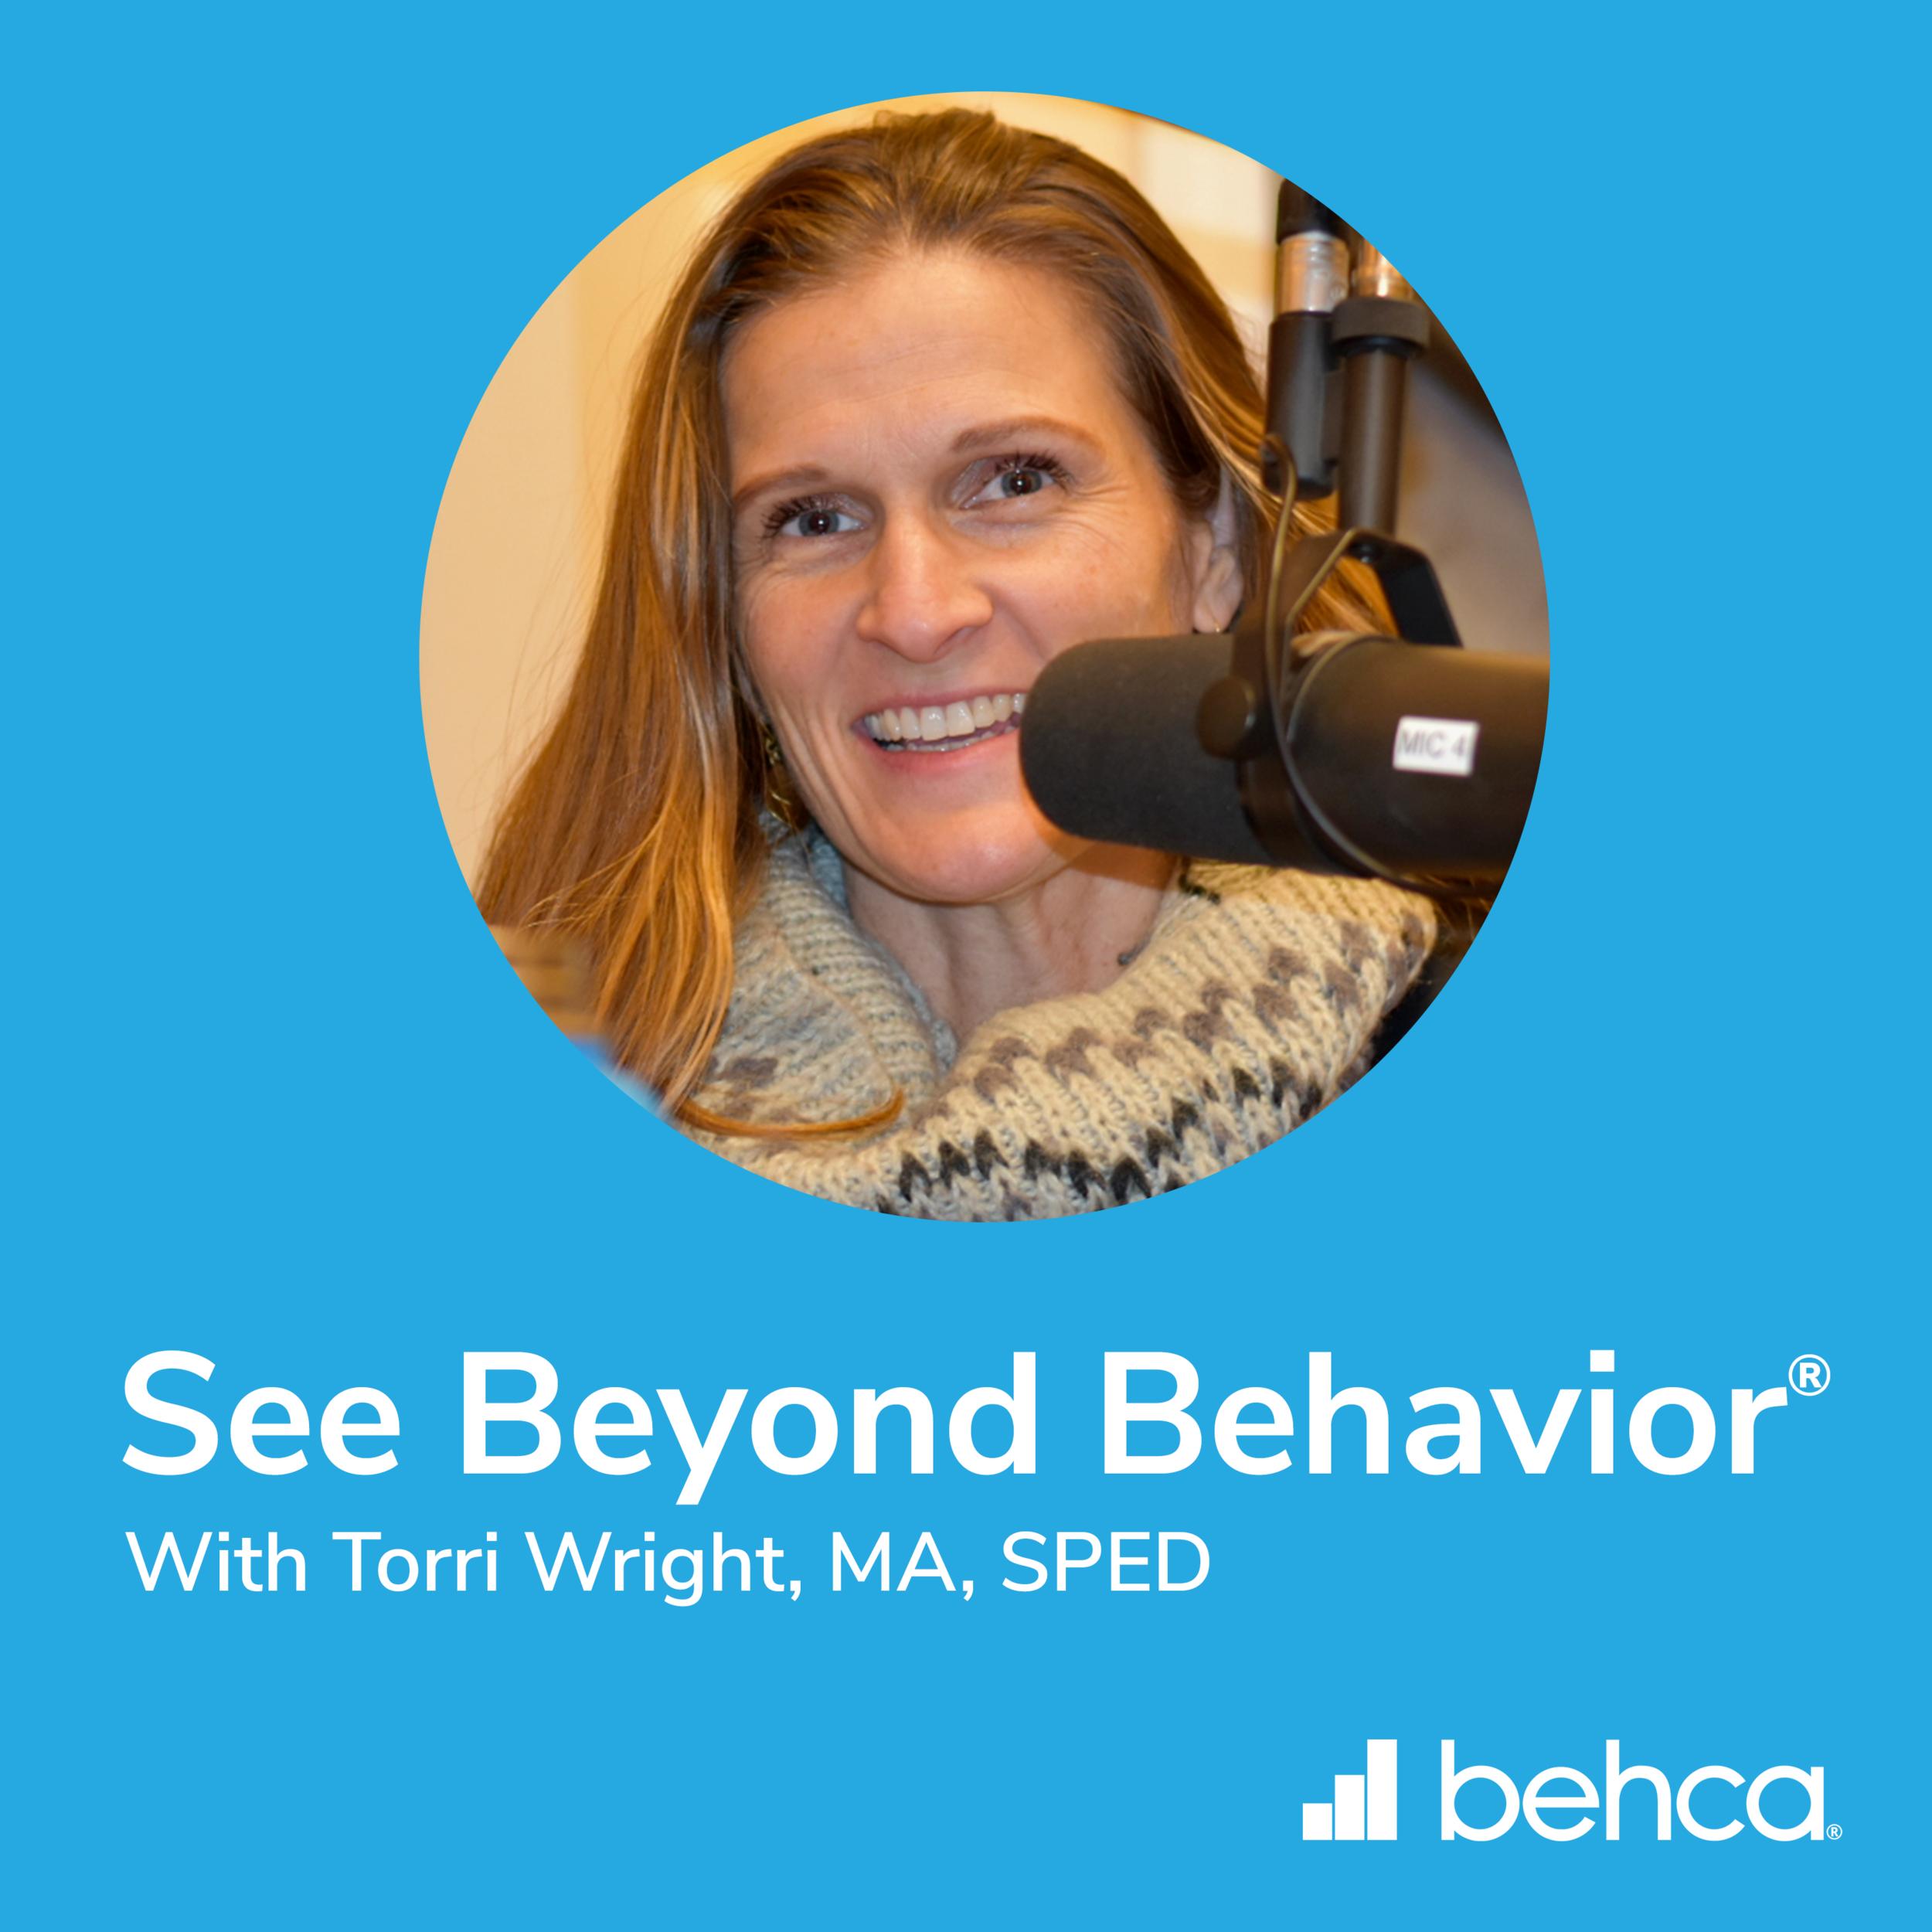 See Beyond Behavior  (BEHCA)